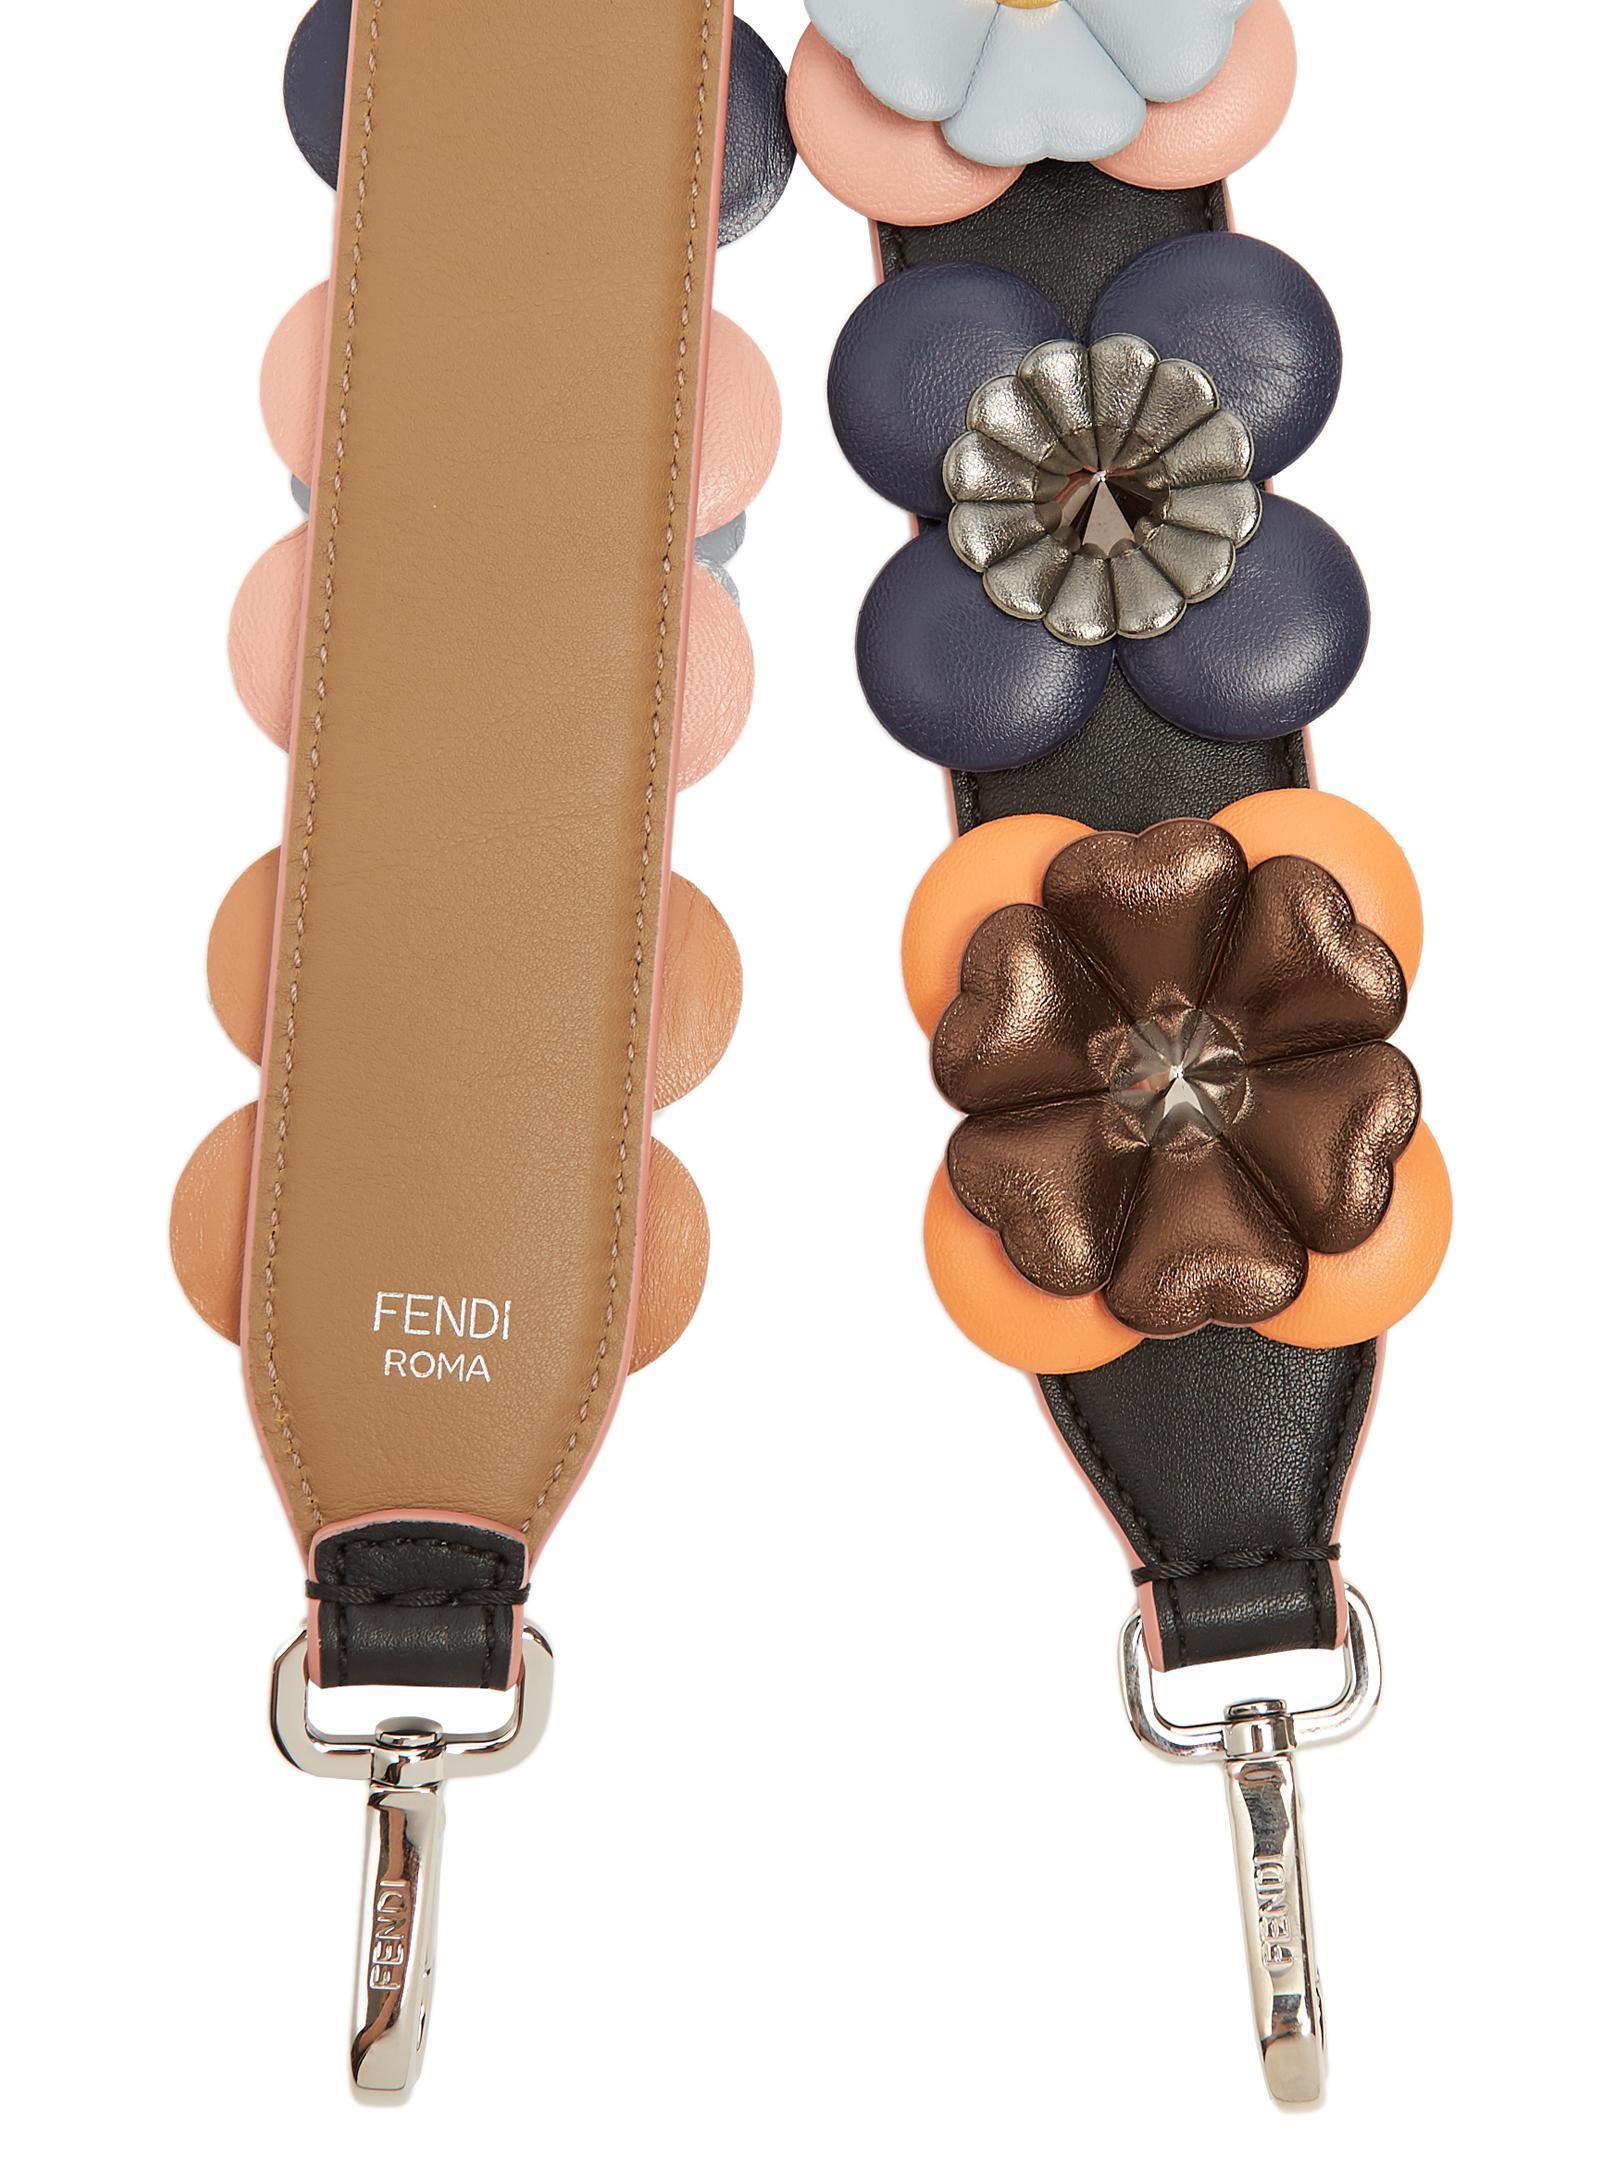 630e2ec52709 Lyst - Fendi Strap You Floral-appliqué Leather Bag Strap